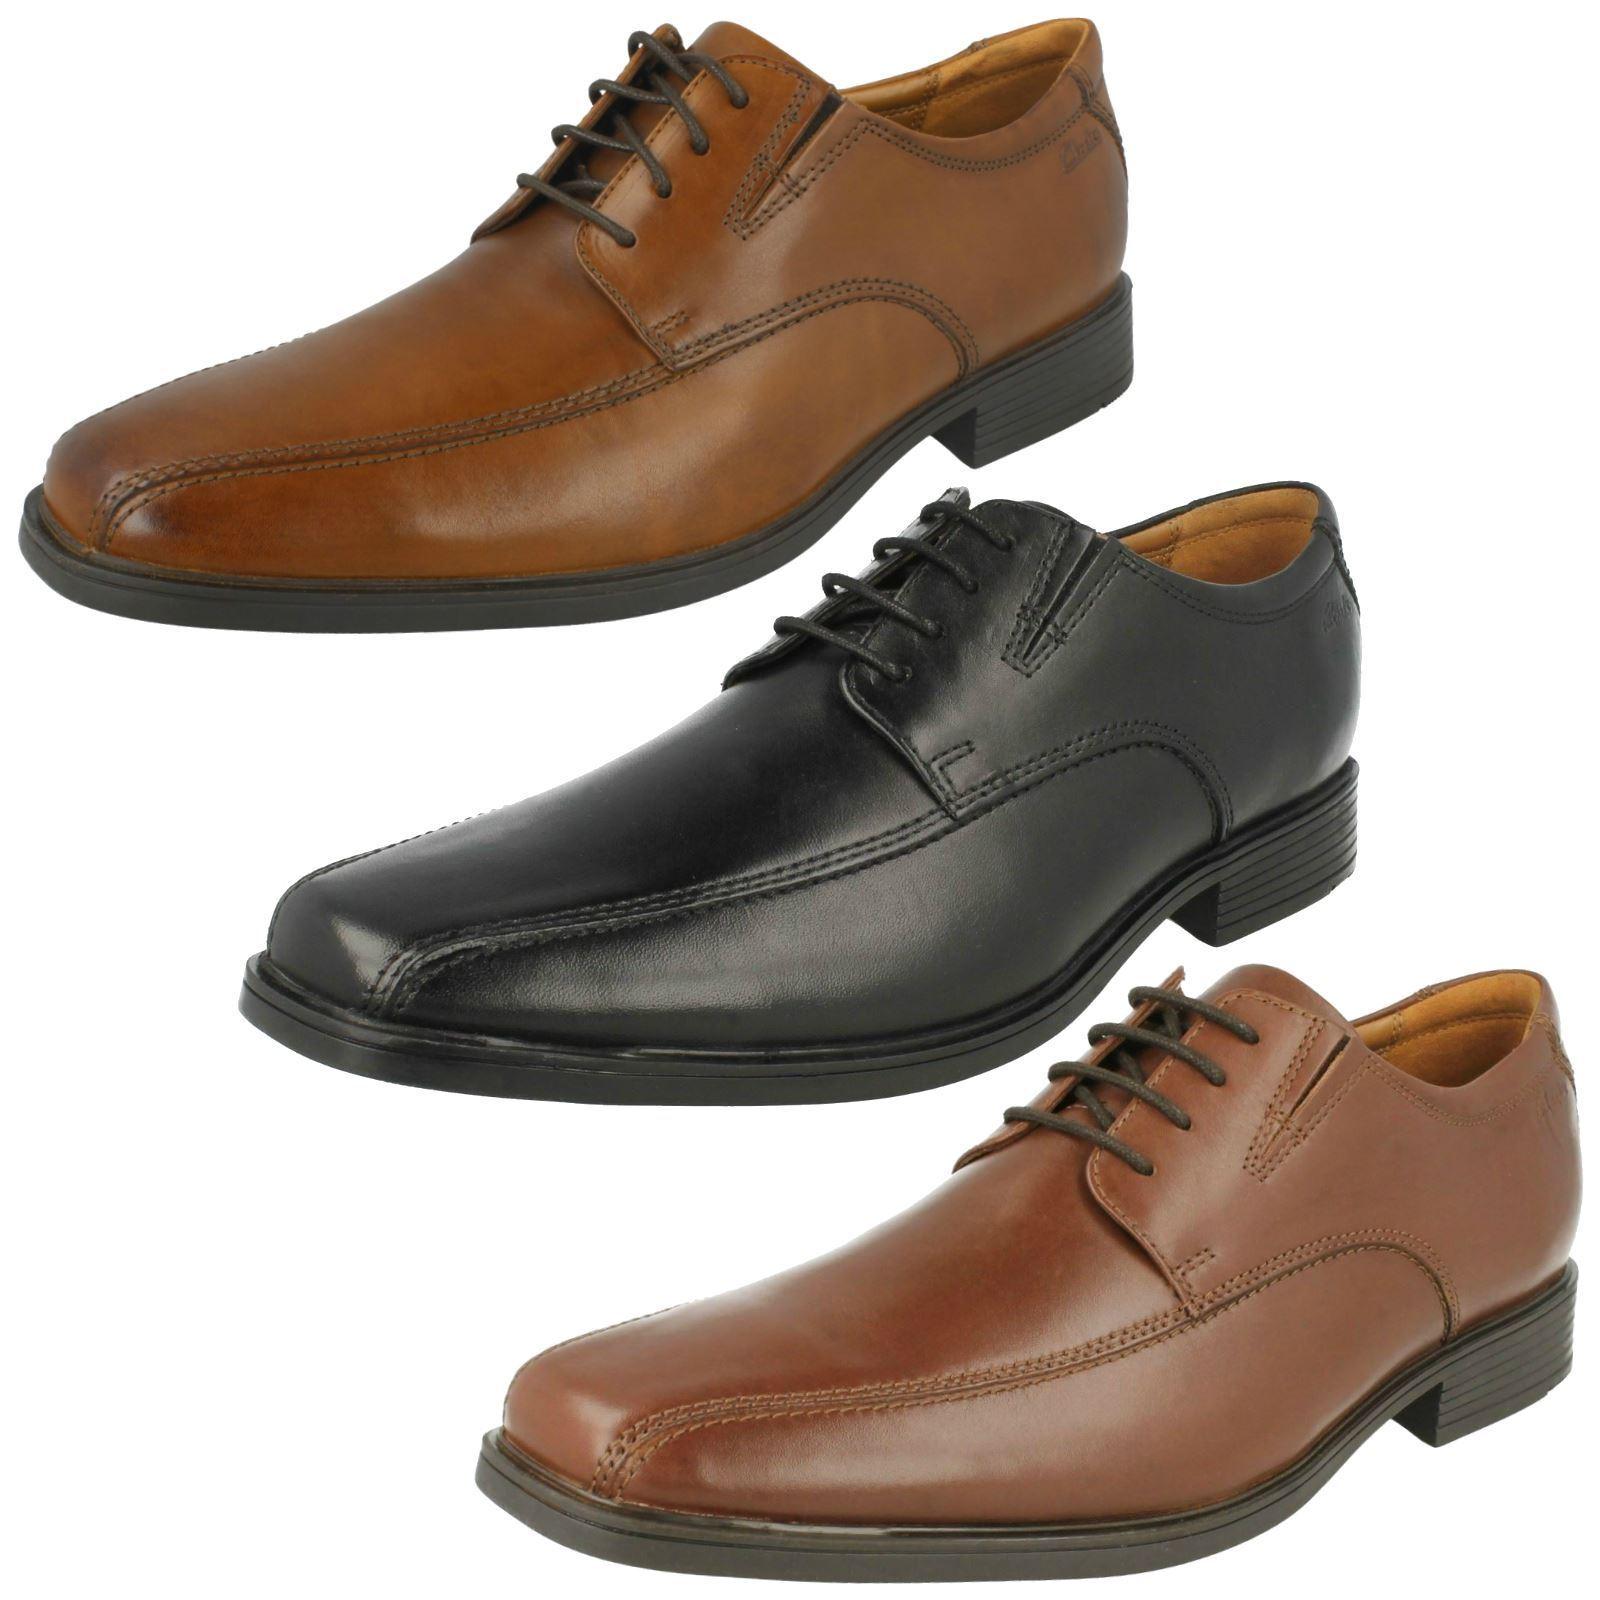 Clarks Zapatos para hombre Formal Tilden Walk